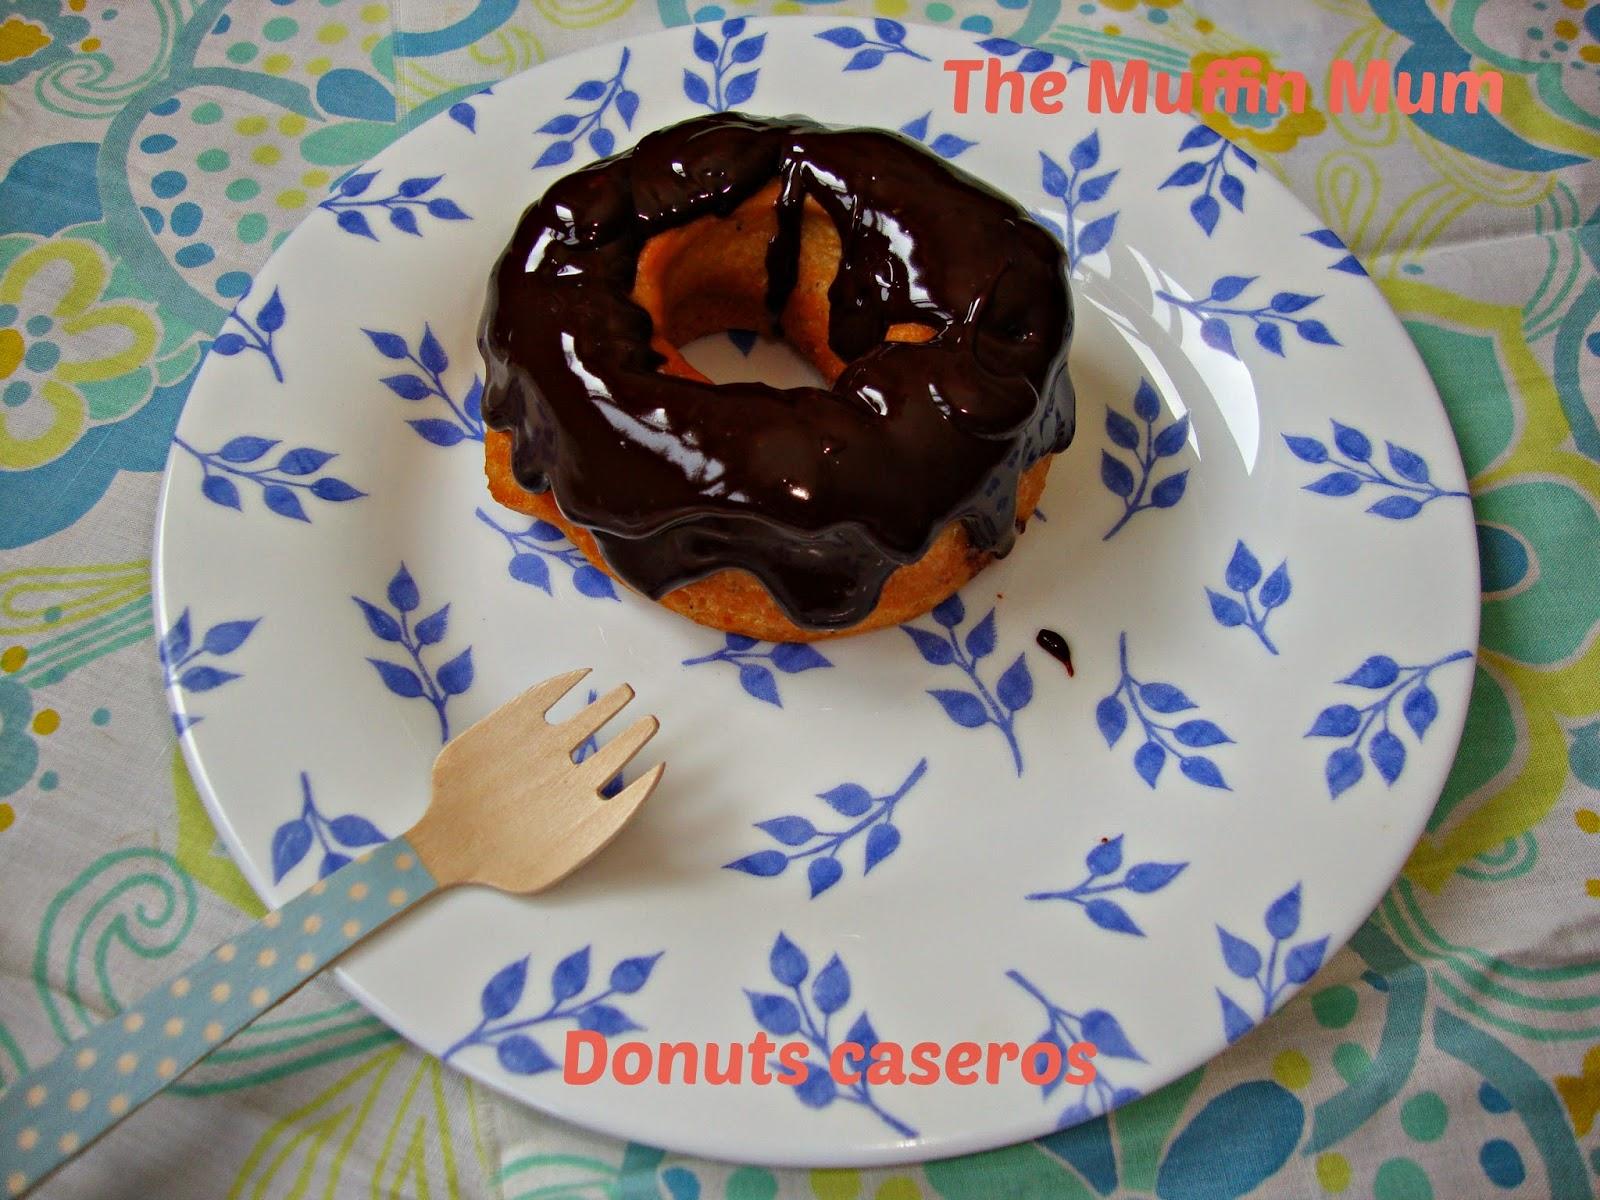 Donuts caseros cubiertos de chocolate